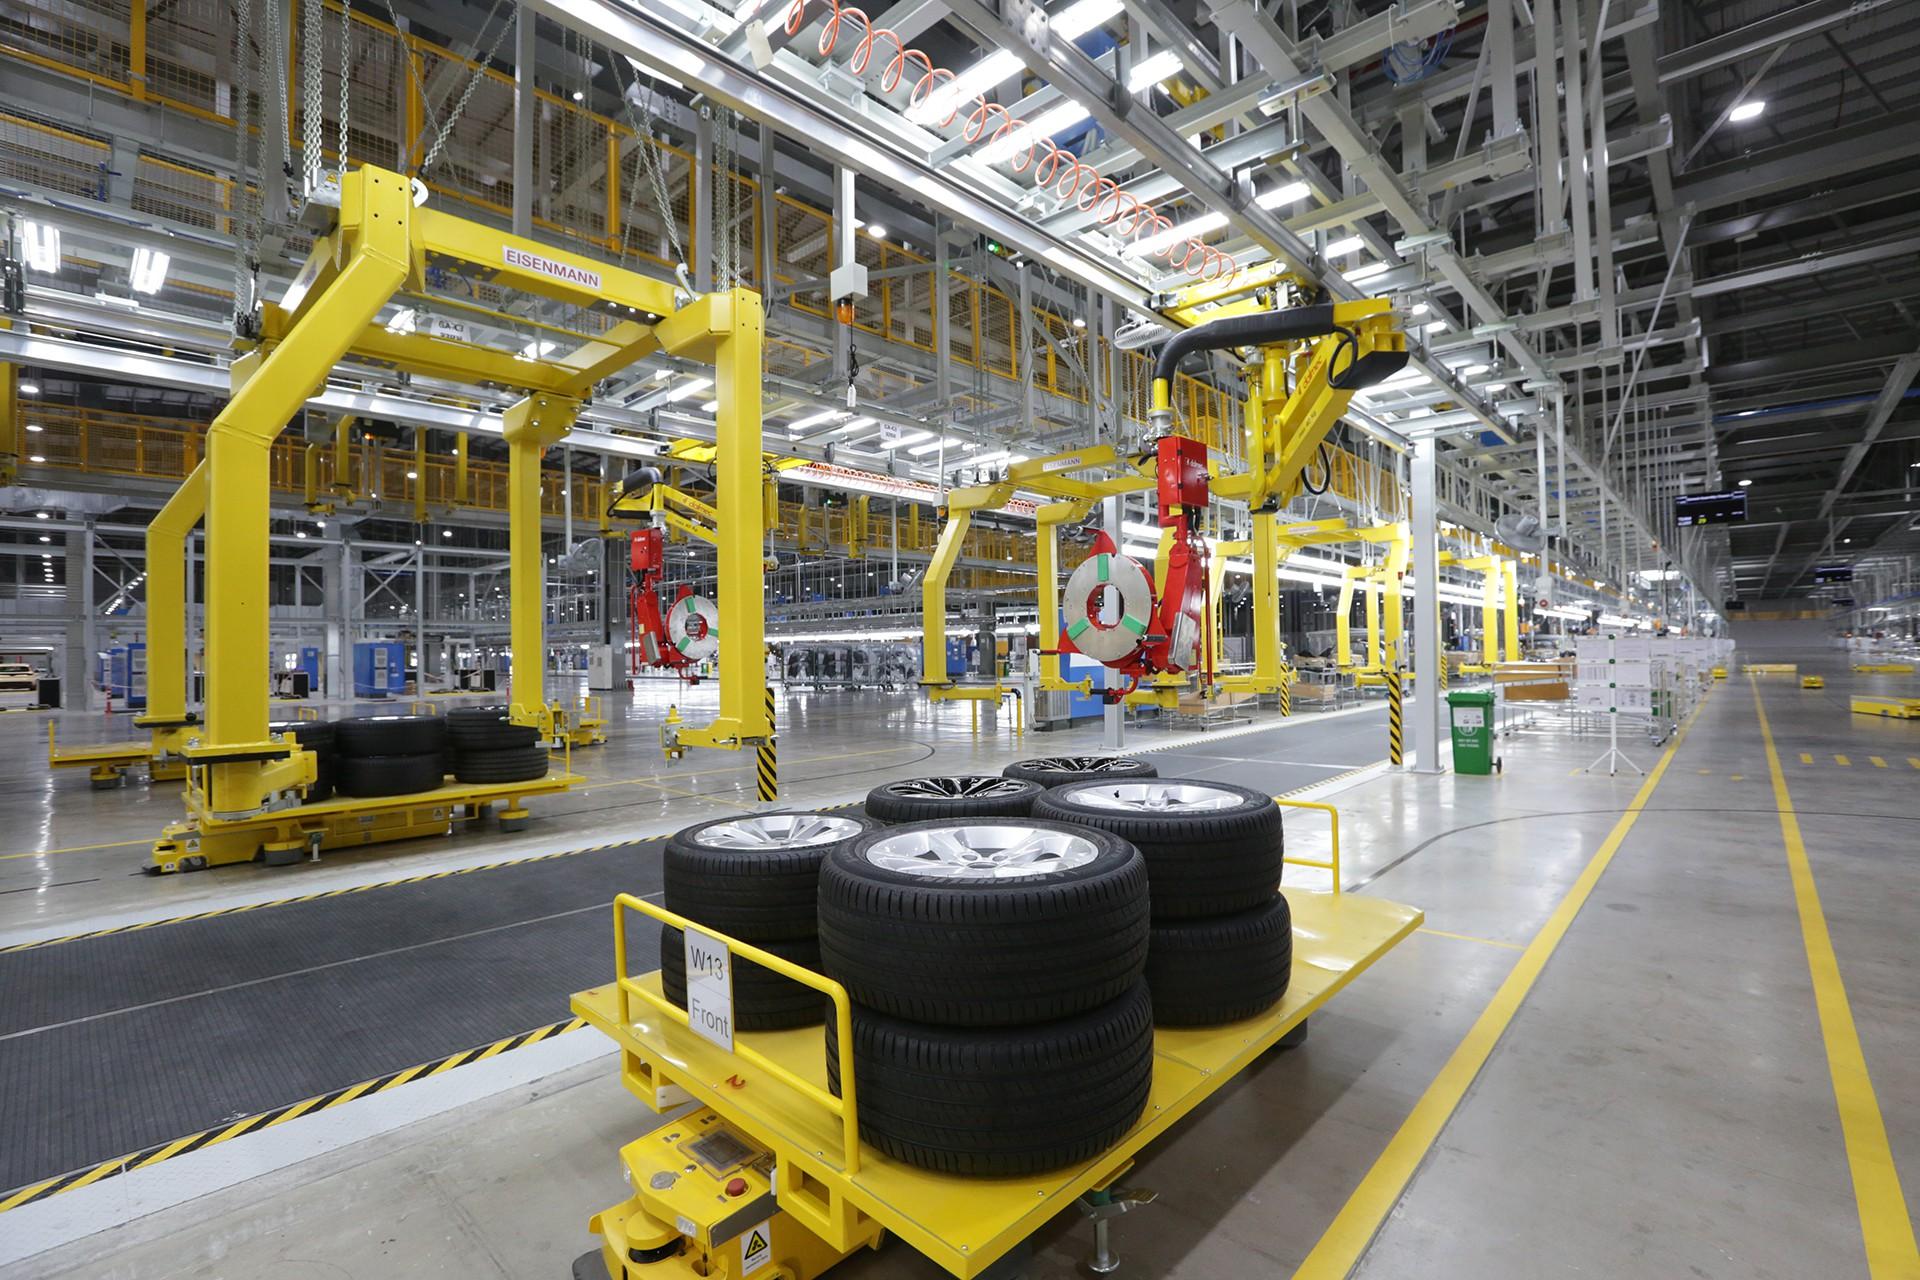 [Ảnh] Cận cảnh nhà máy sản xuất ô tô VinFast 1 tháng trước ngày khai trương - Ảnh 13.